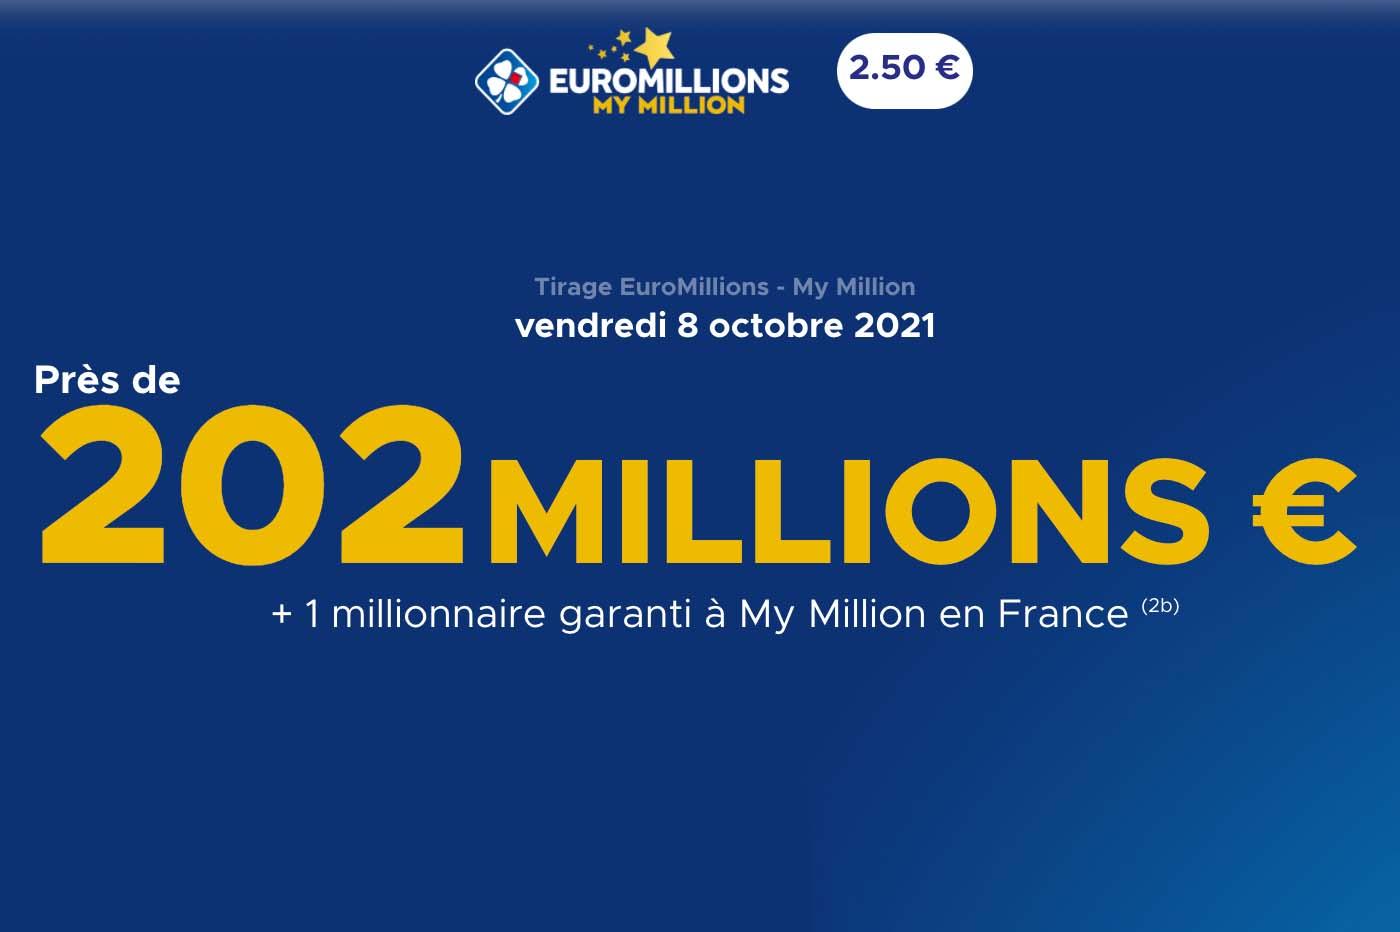 Tirage EuroMillions: comment jouer et gagner 202 millions d'euros? 🔥